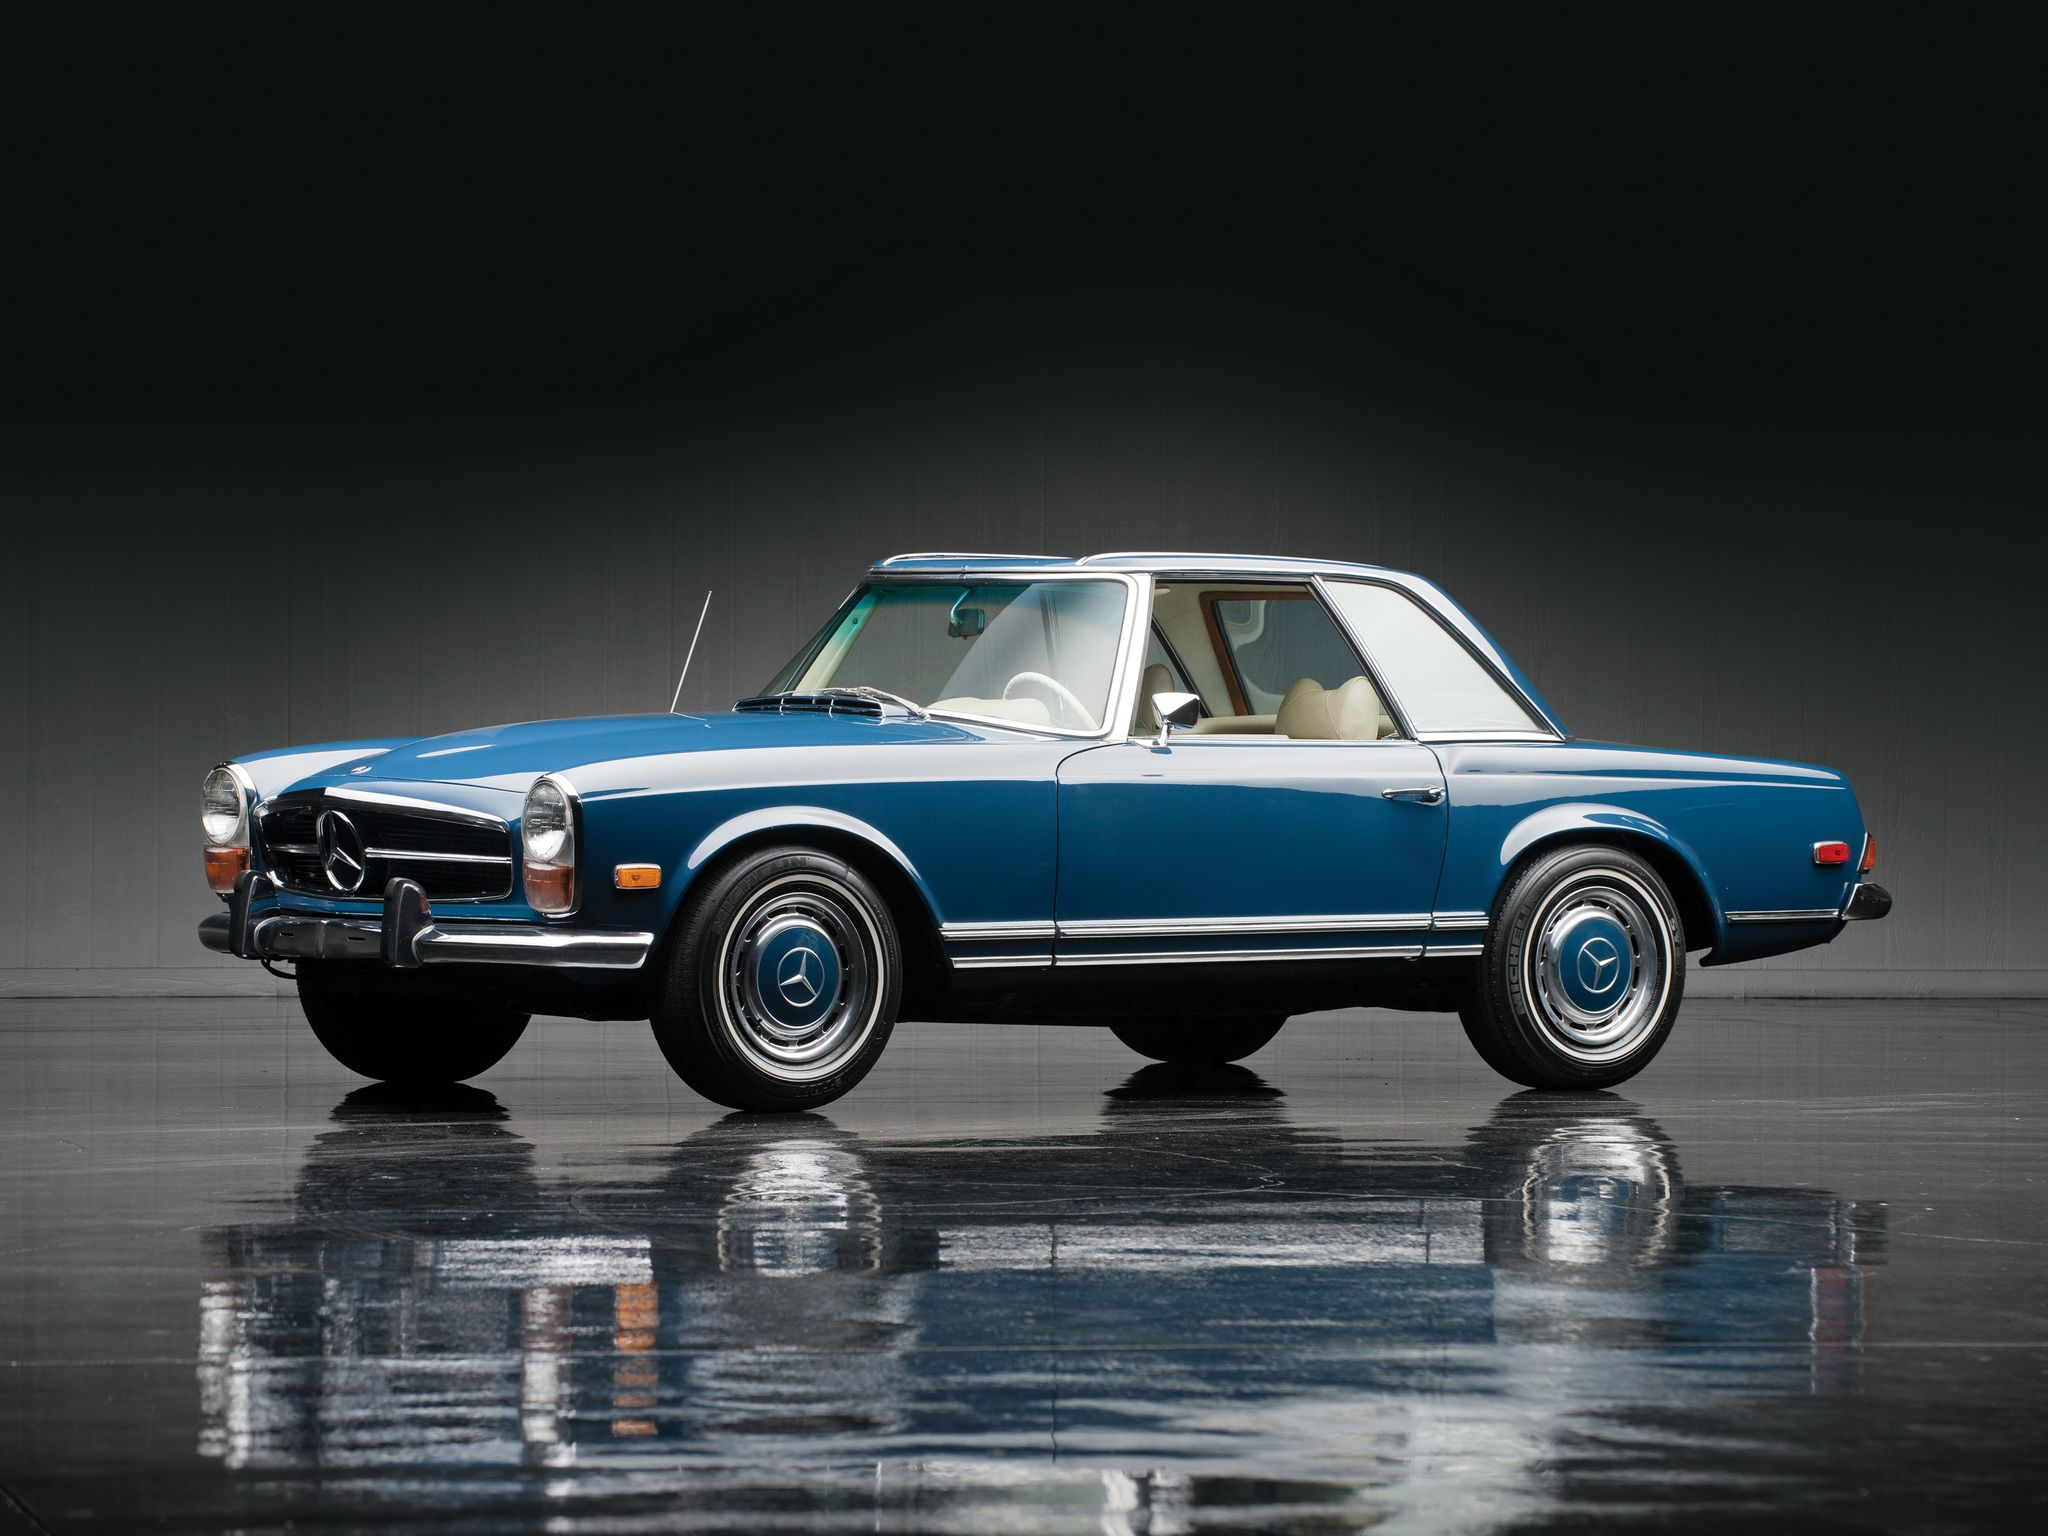 1967 71 mercedes benz 280 sl us spec w113 pagoda pinterest mercedes benz benz and cars. Black Bedroom Furniture Sets. Home Design Ideas